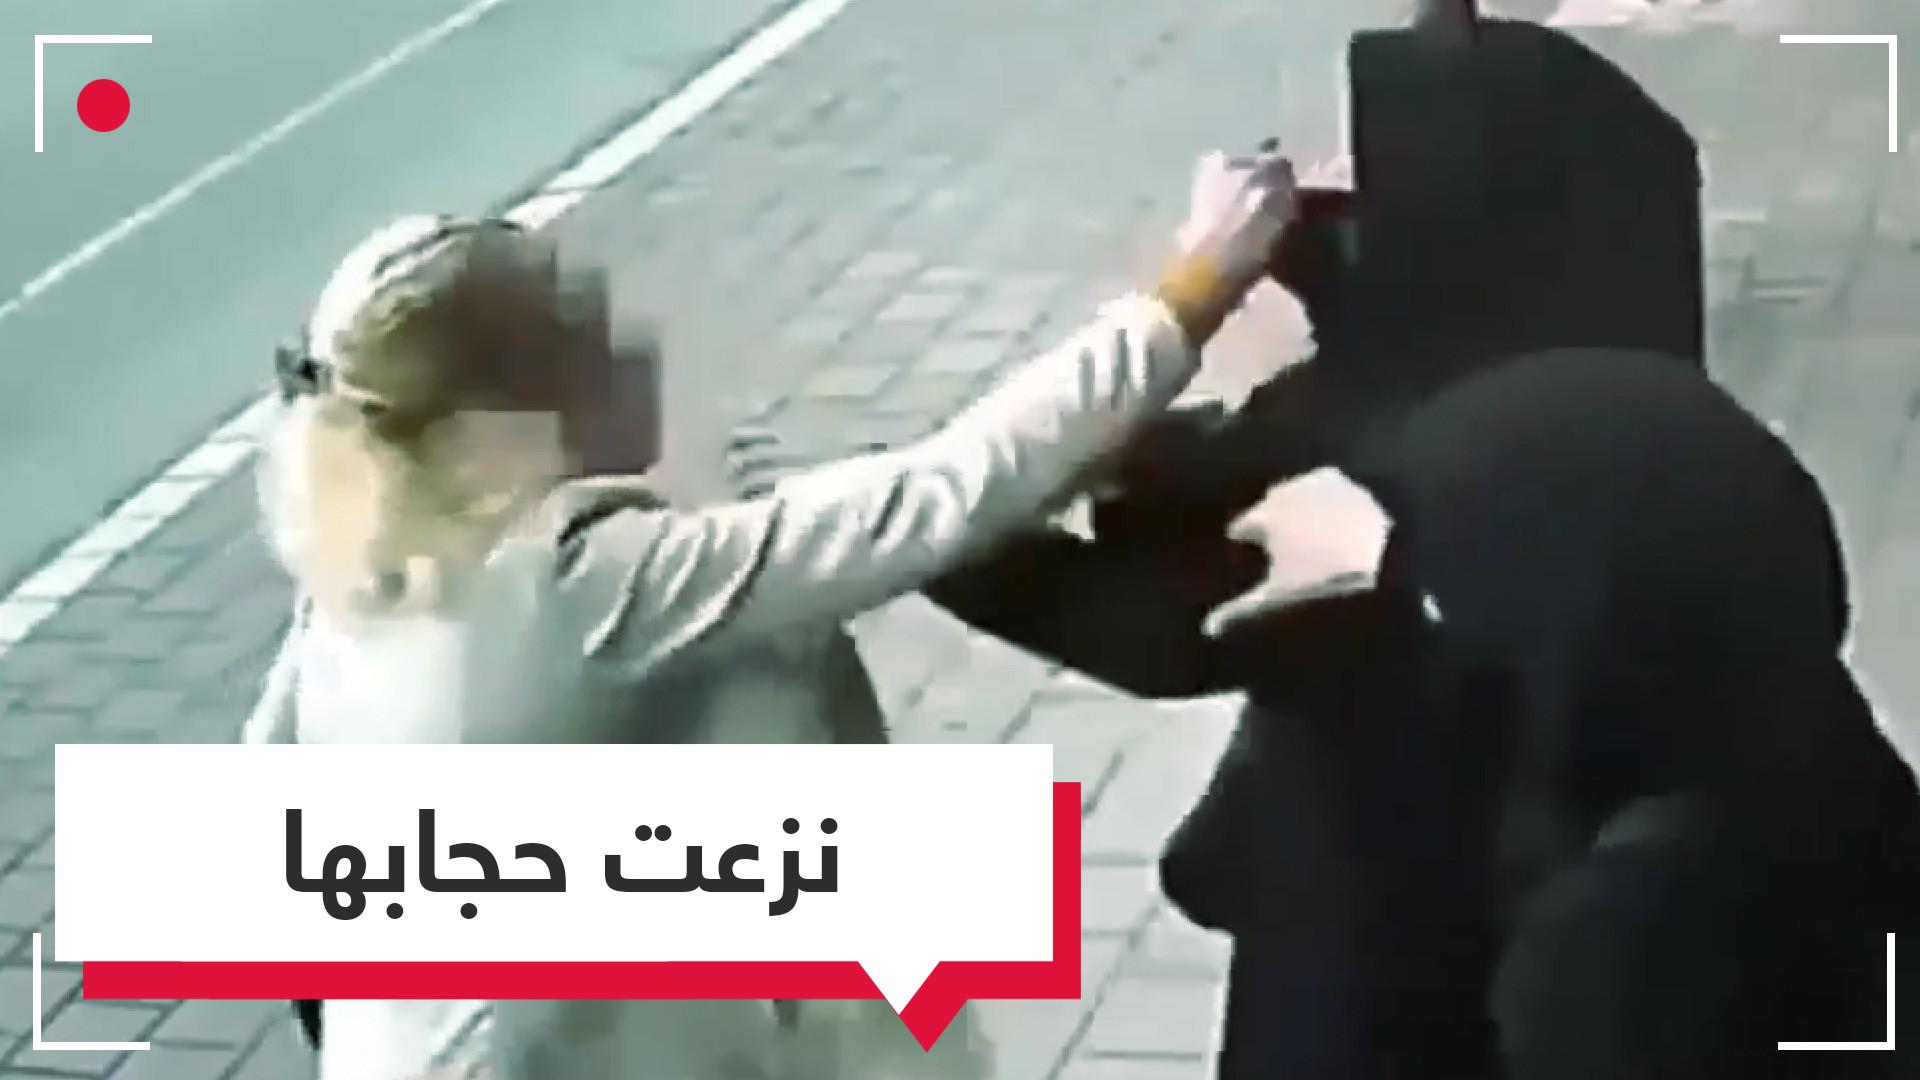 امرأة تمارس شرع اليد بنزع حجاب امرأة محجبة معبرة عن كراهية دفينة وتدخل في حرية الغير